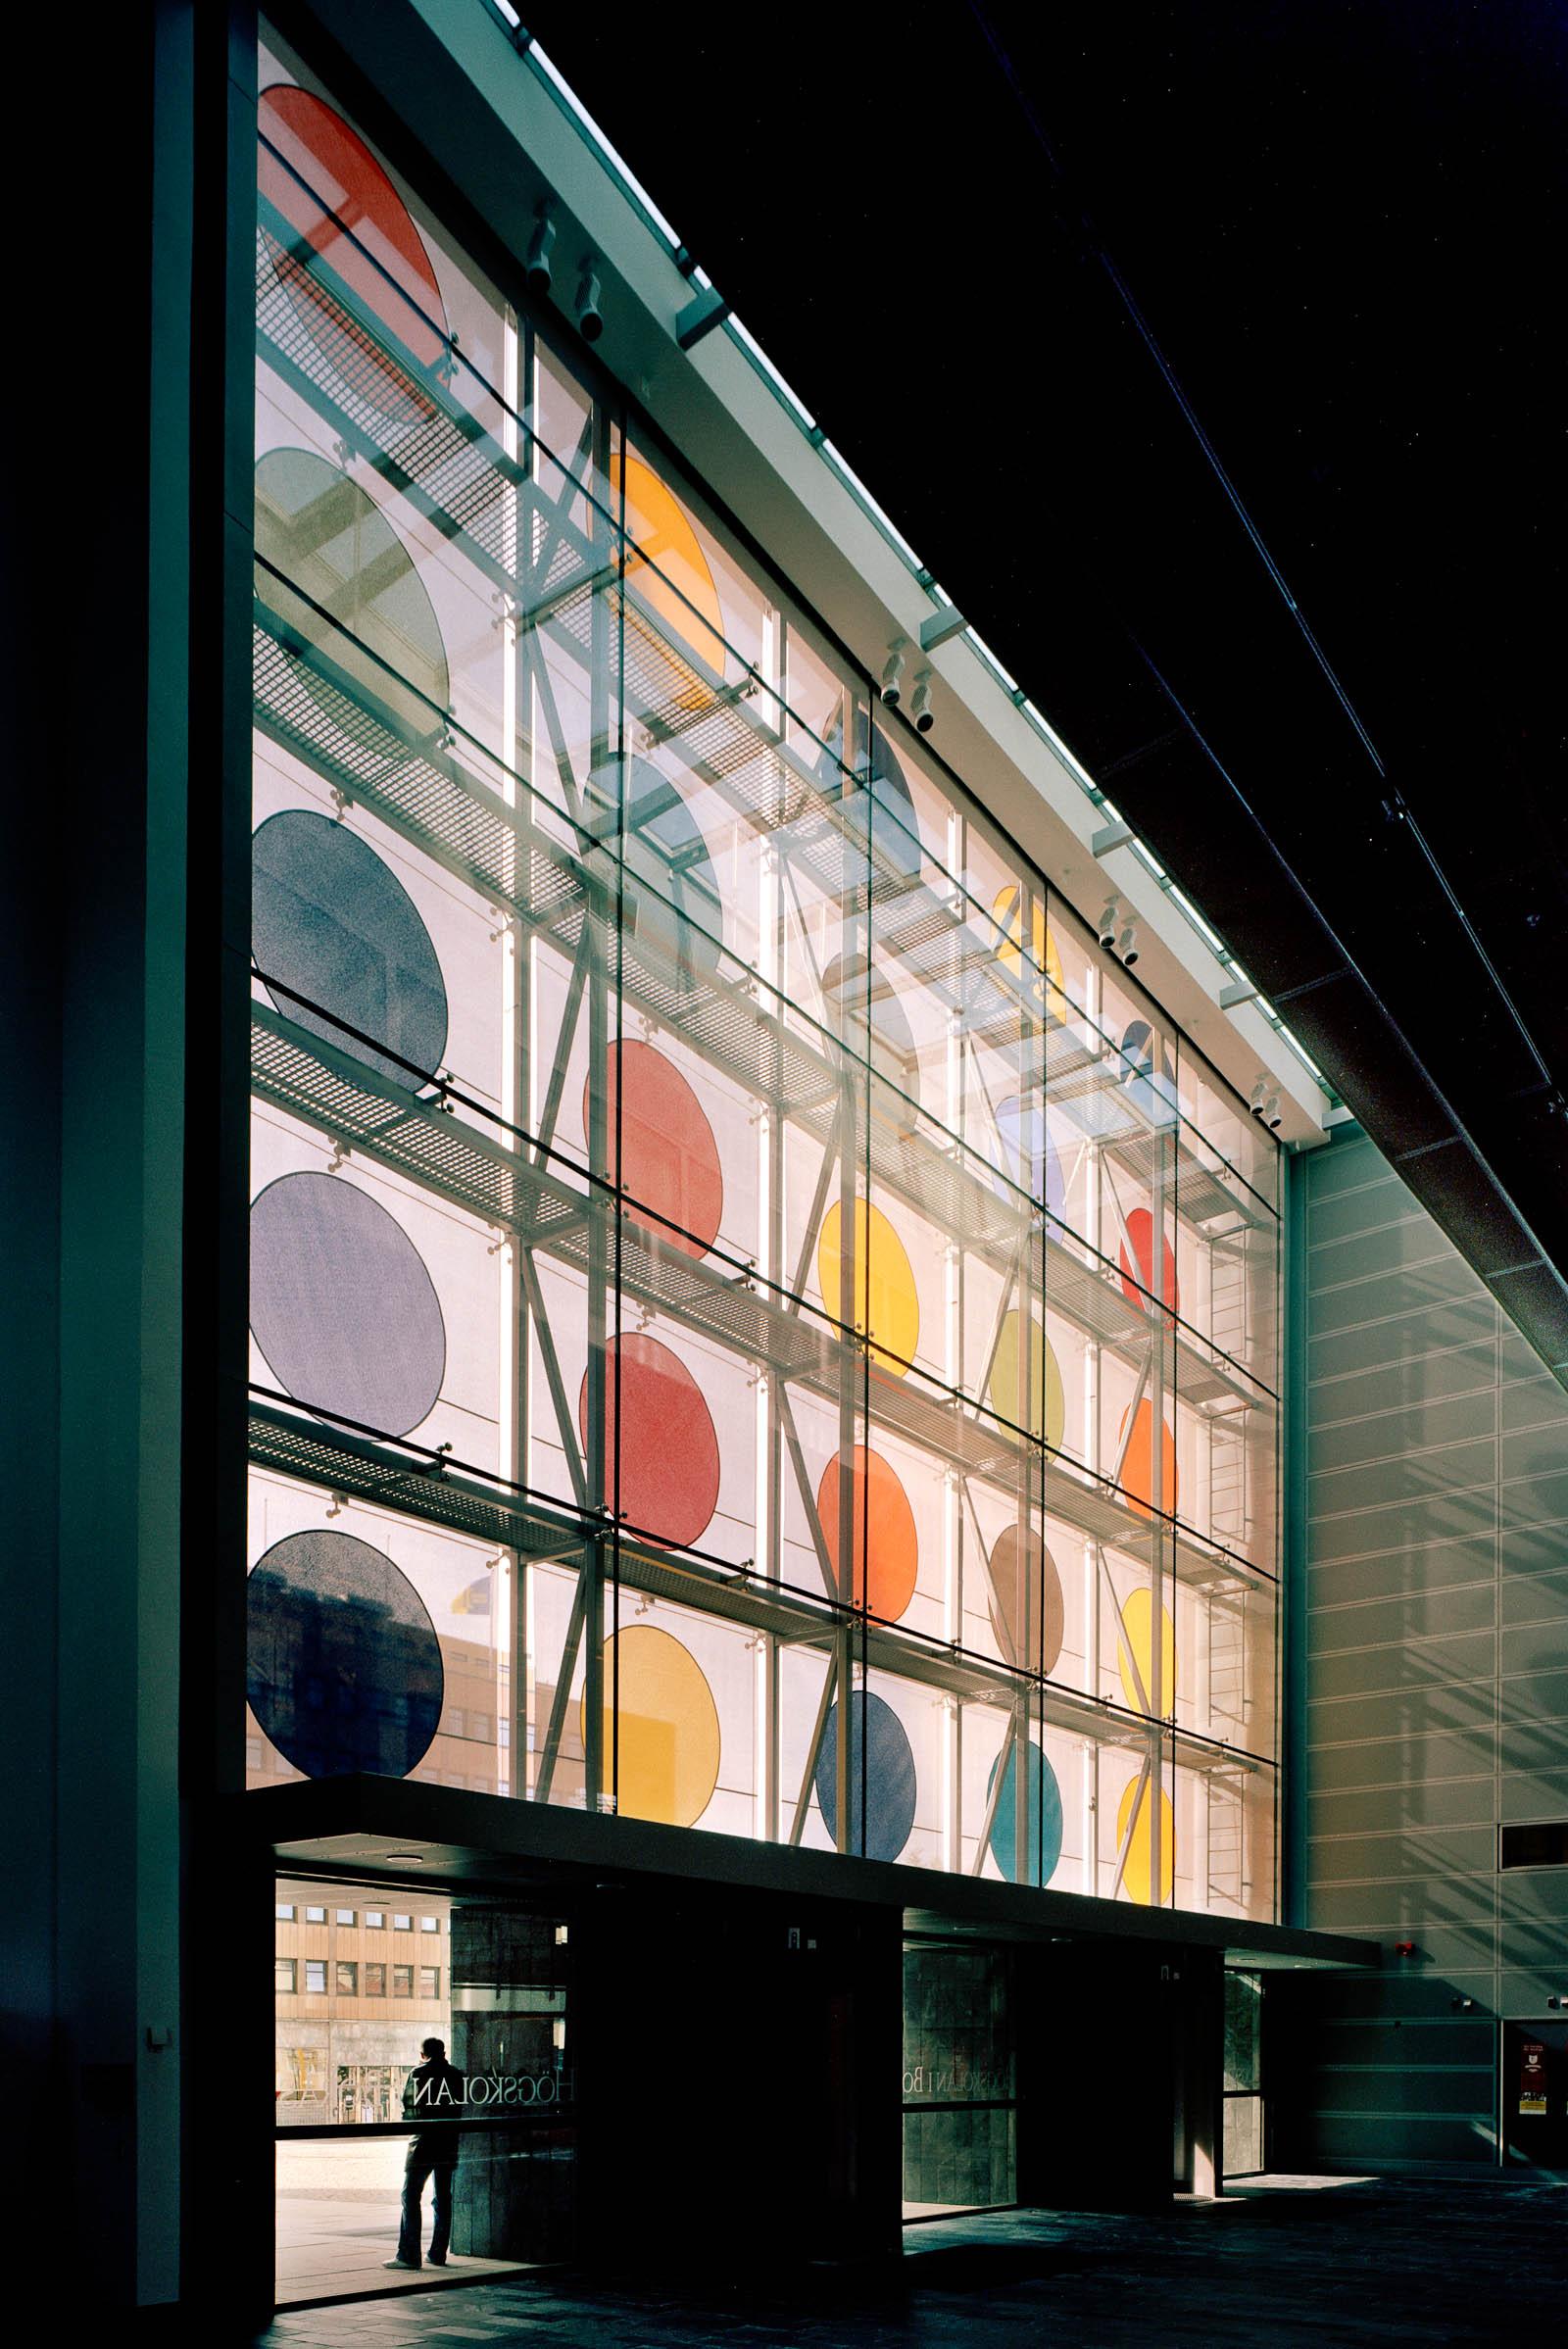 Solavskärmningen snett nerifrån på insidan, med linor, våder och dubbelglas. Kontrapunkt, Eva Stephenson-Möller